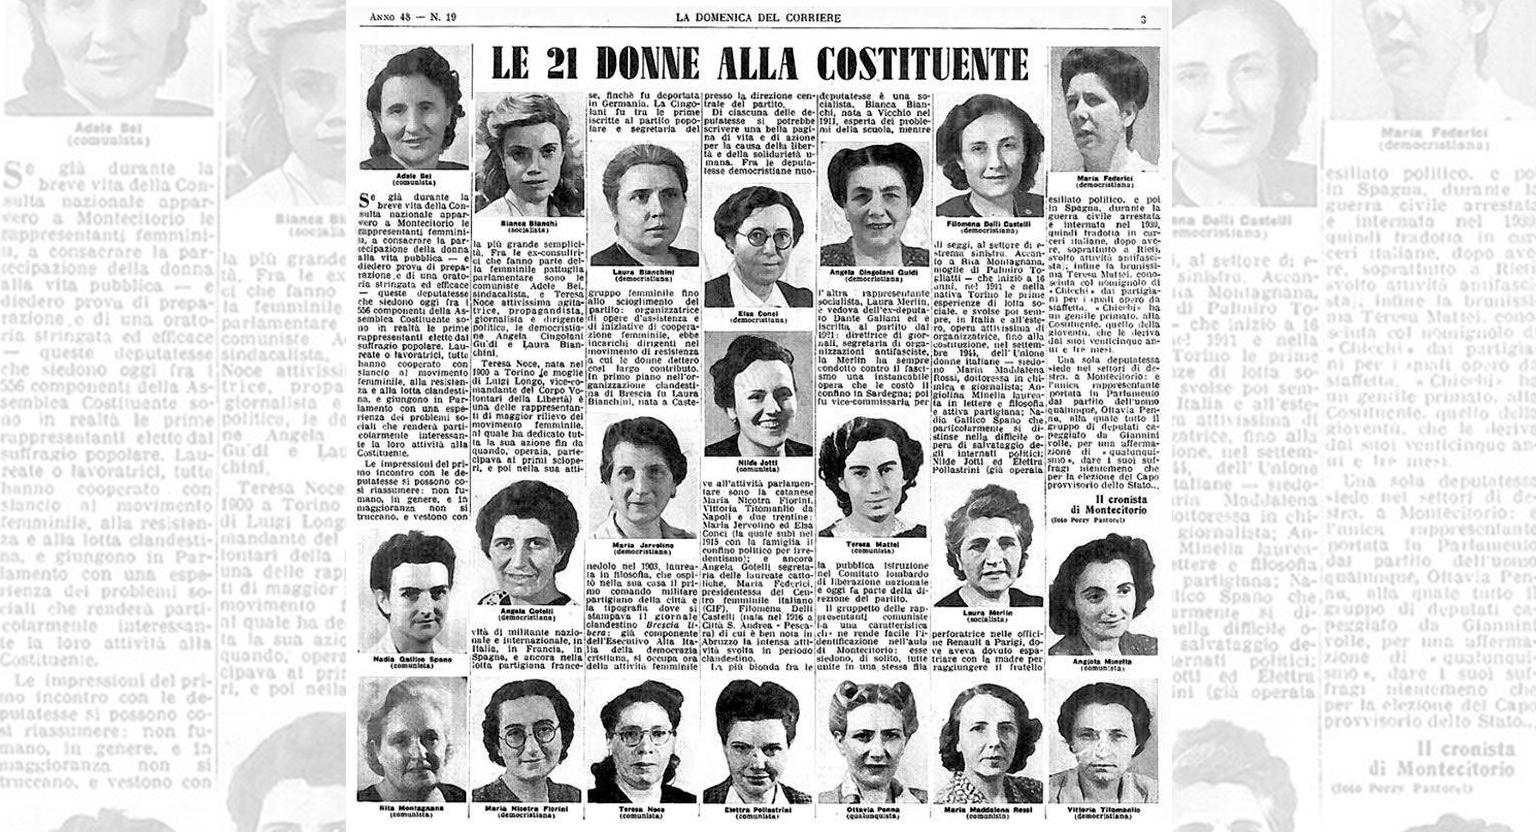 2 giugno: omaggio dell'ANPI alle 21 Madri costituenti A L'Aquila fiori sulla tomba di Maria Federici nella cappella di famiglia di Goffredo Palmerini